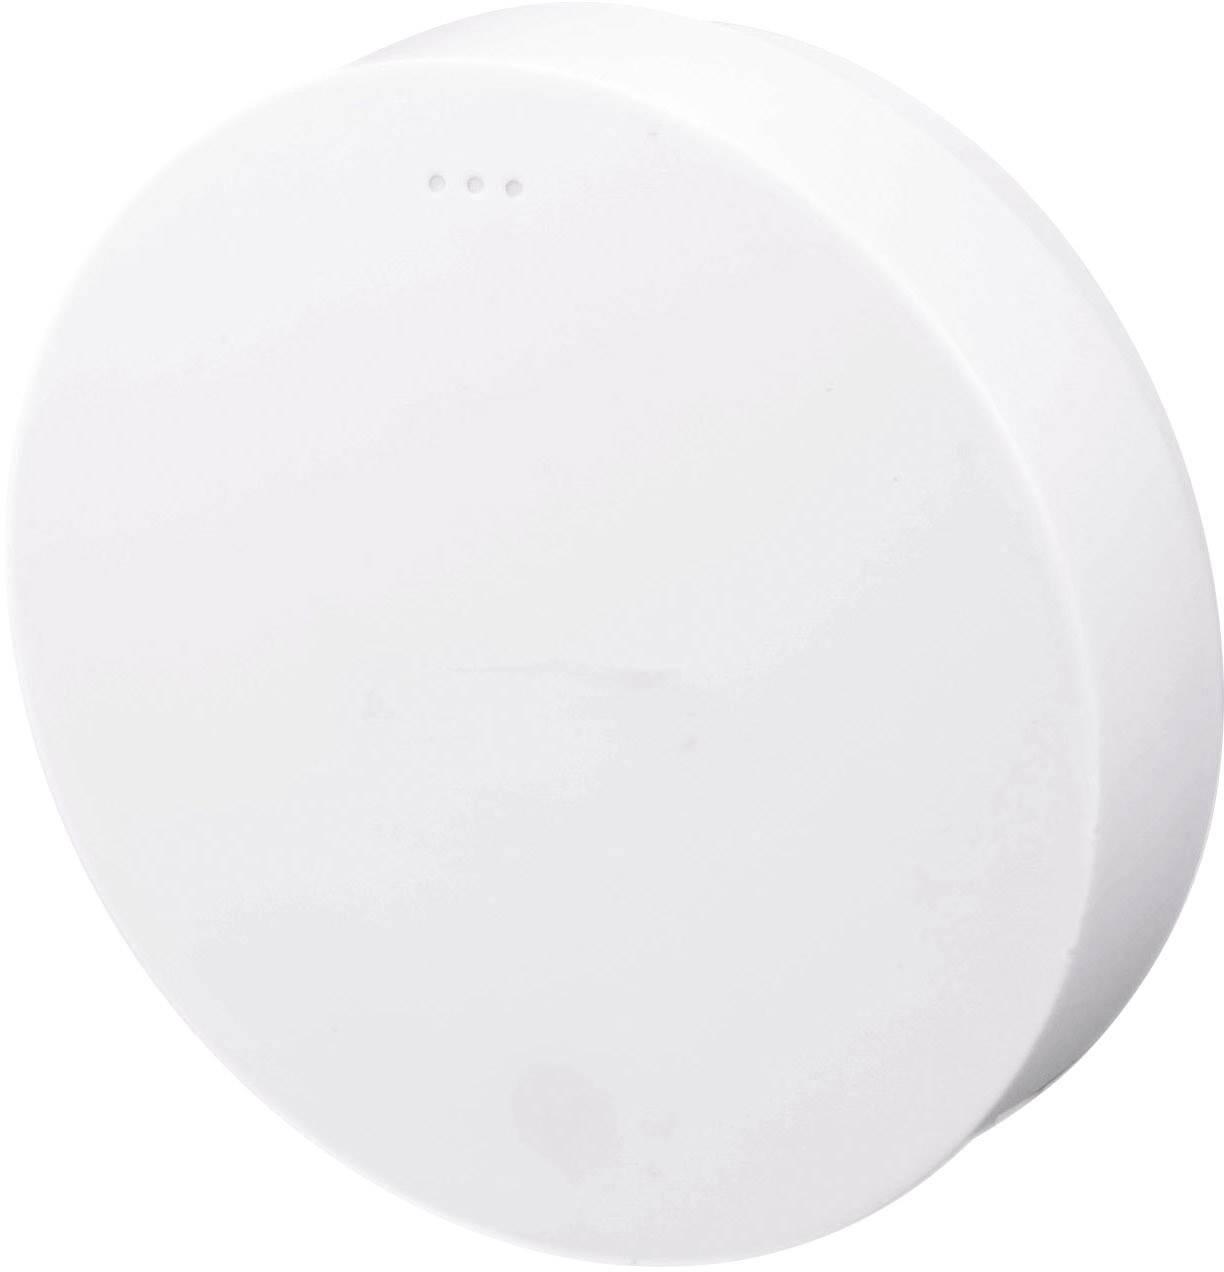 Bezdrôtové ovládanie okna X4-LIFE 701515